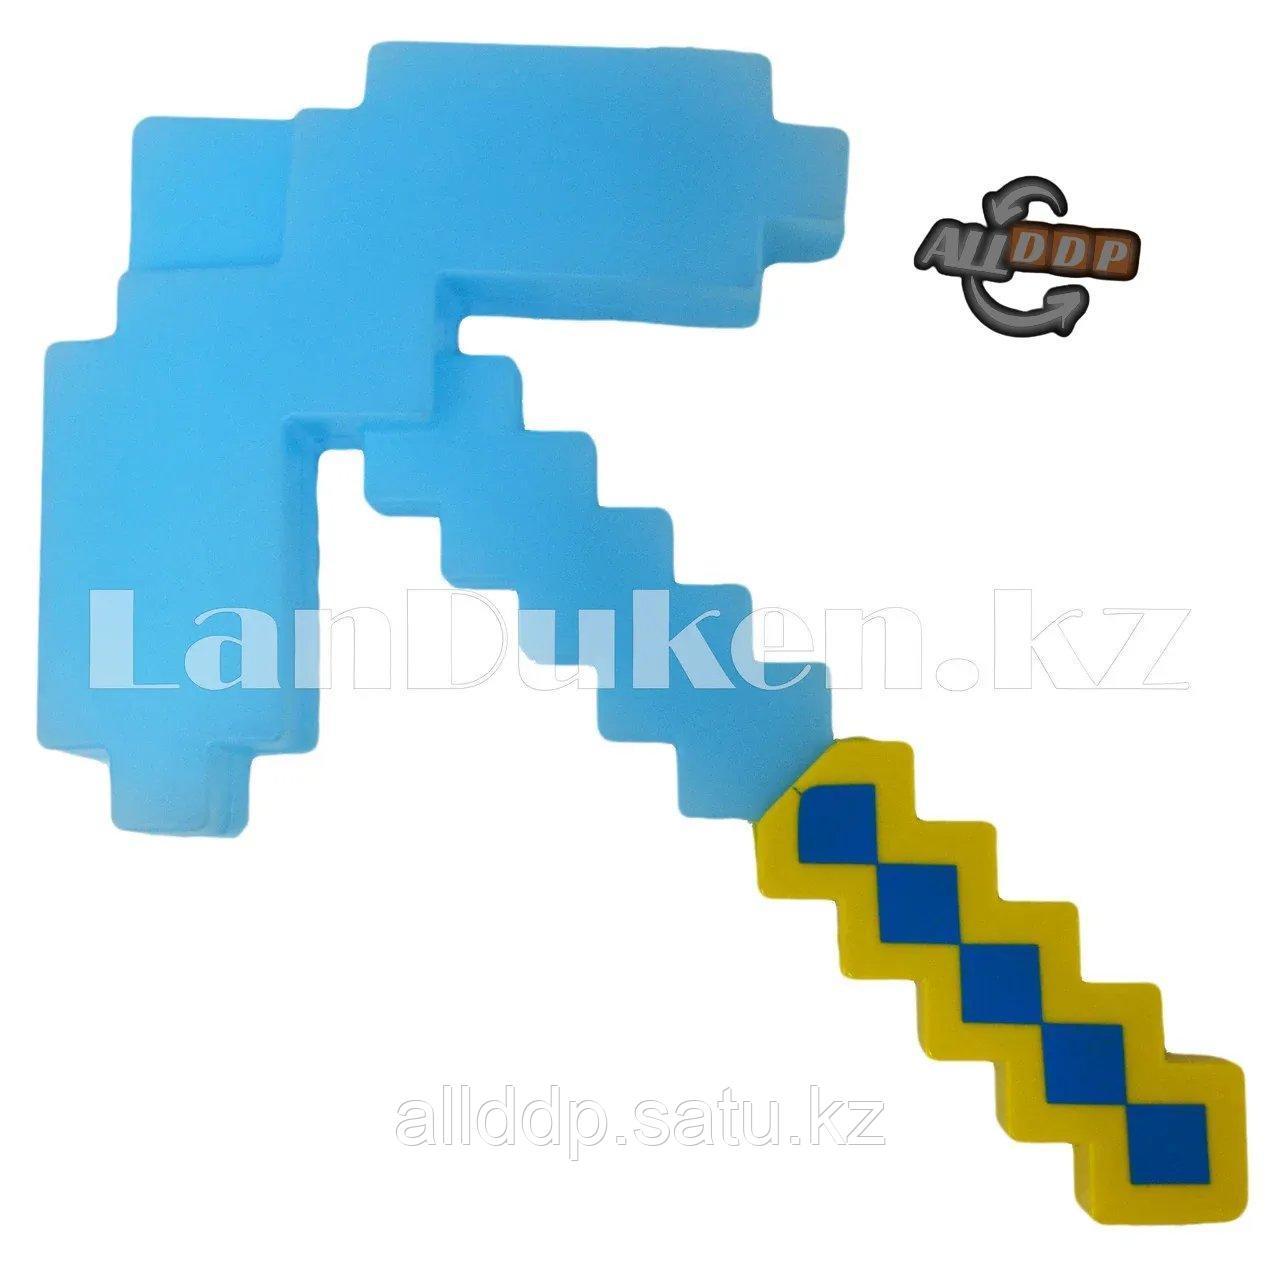 Светящаяся кирка Майнкрафт (Minecraft) алмазная 33.5 см